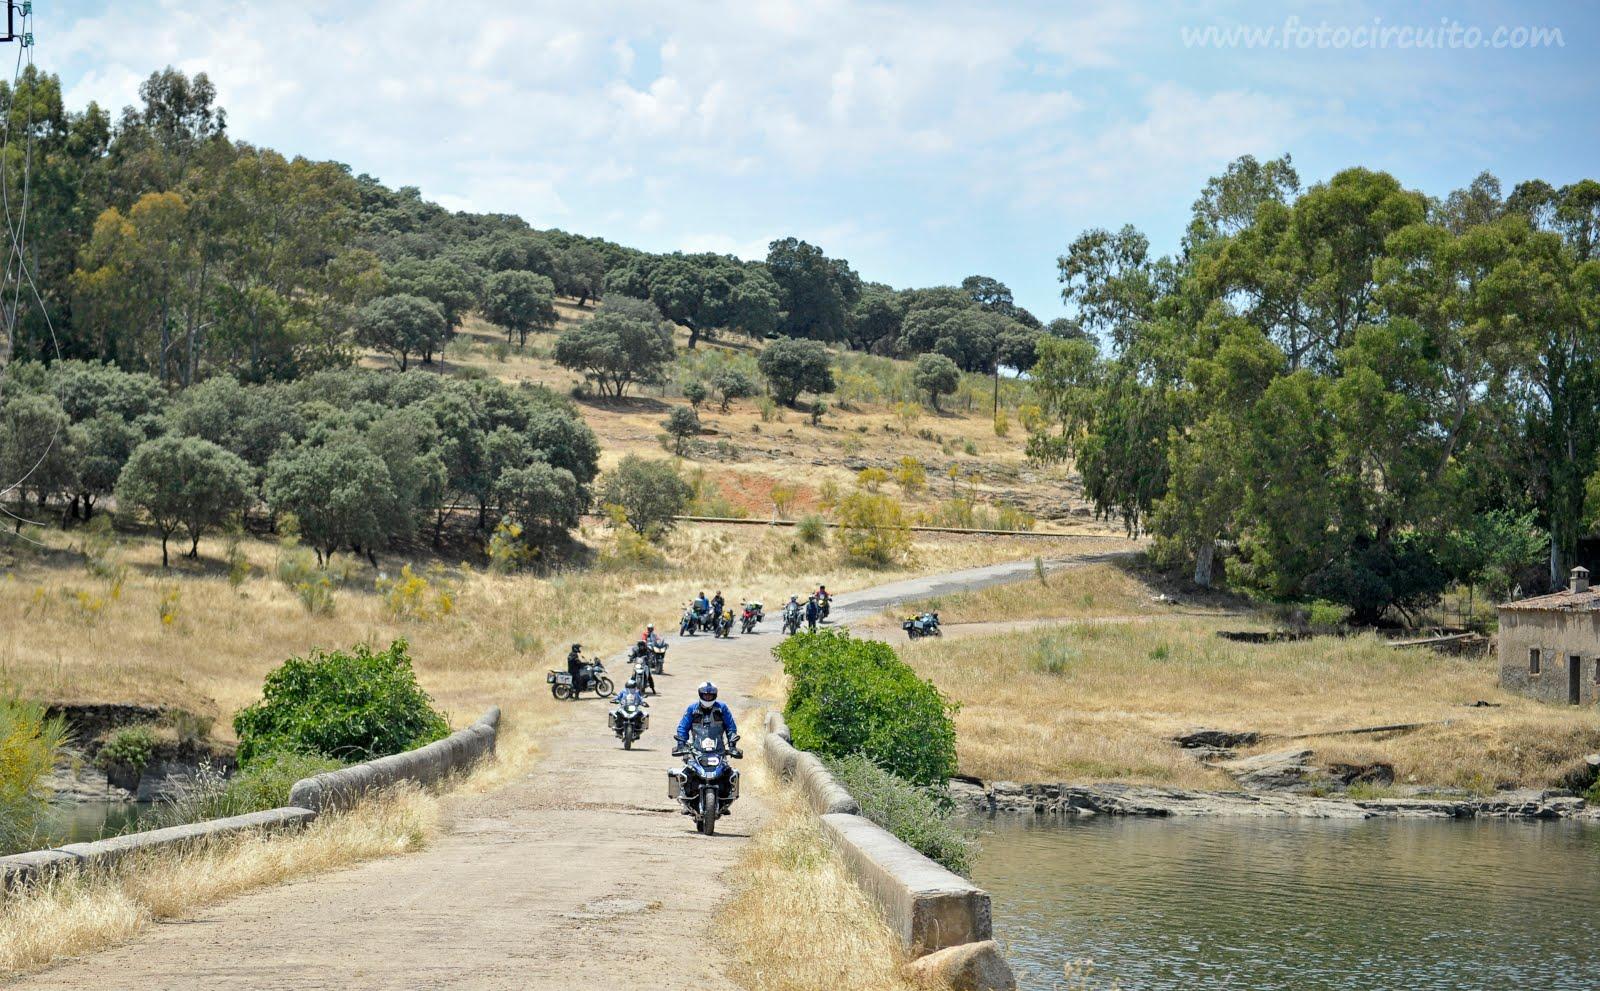 BOREALIS MOTO TOURS